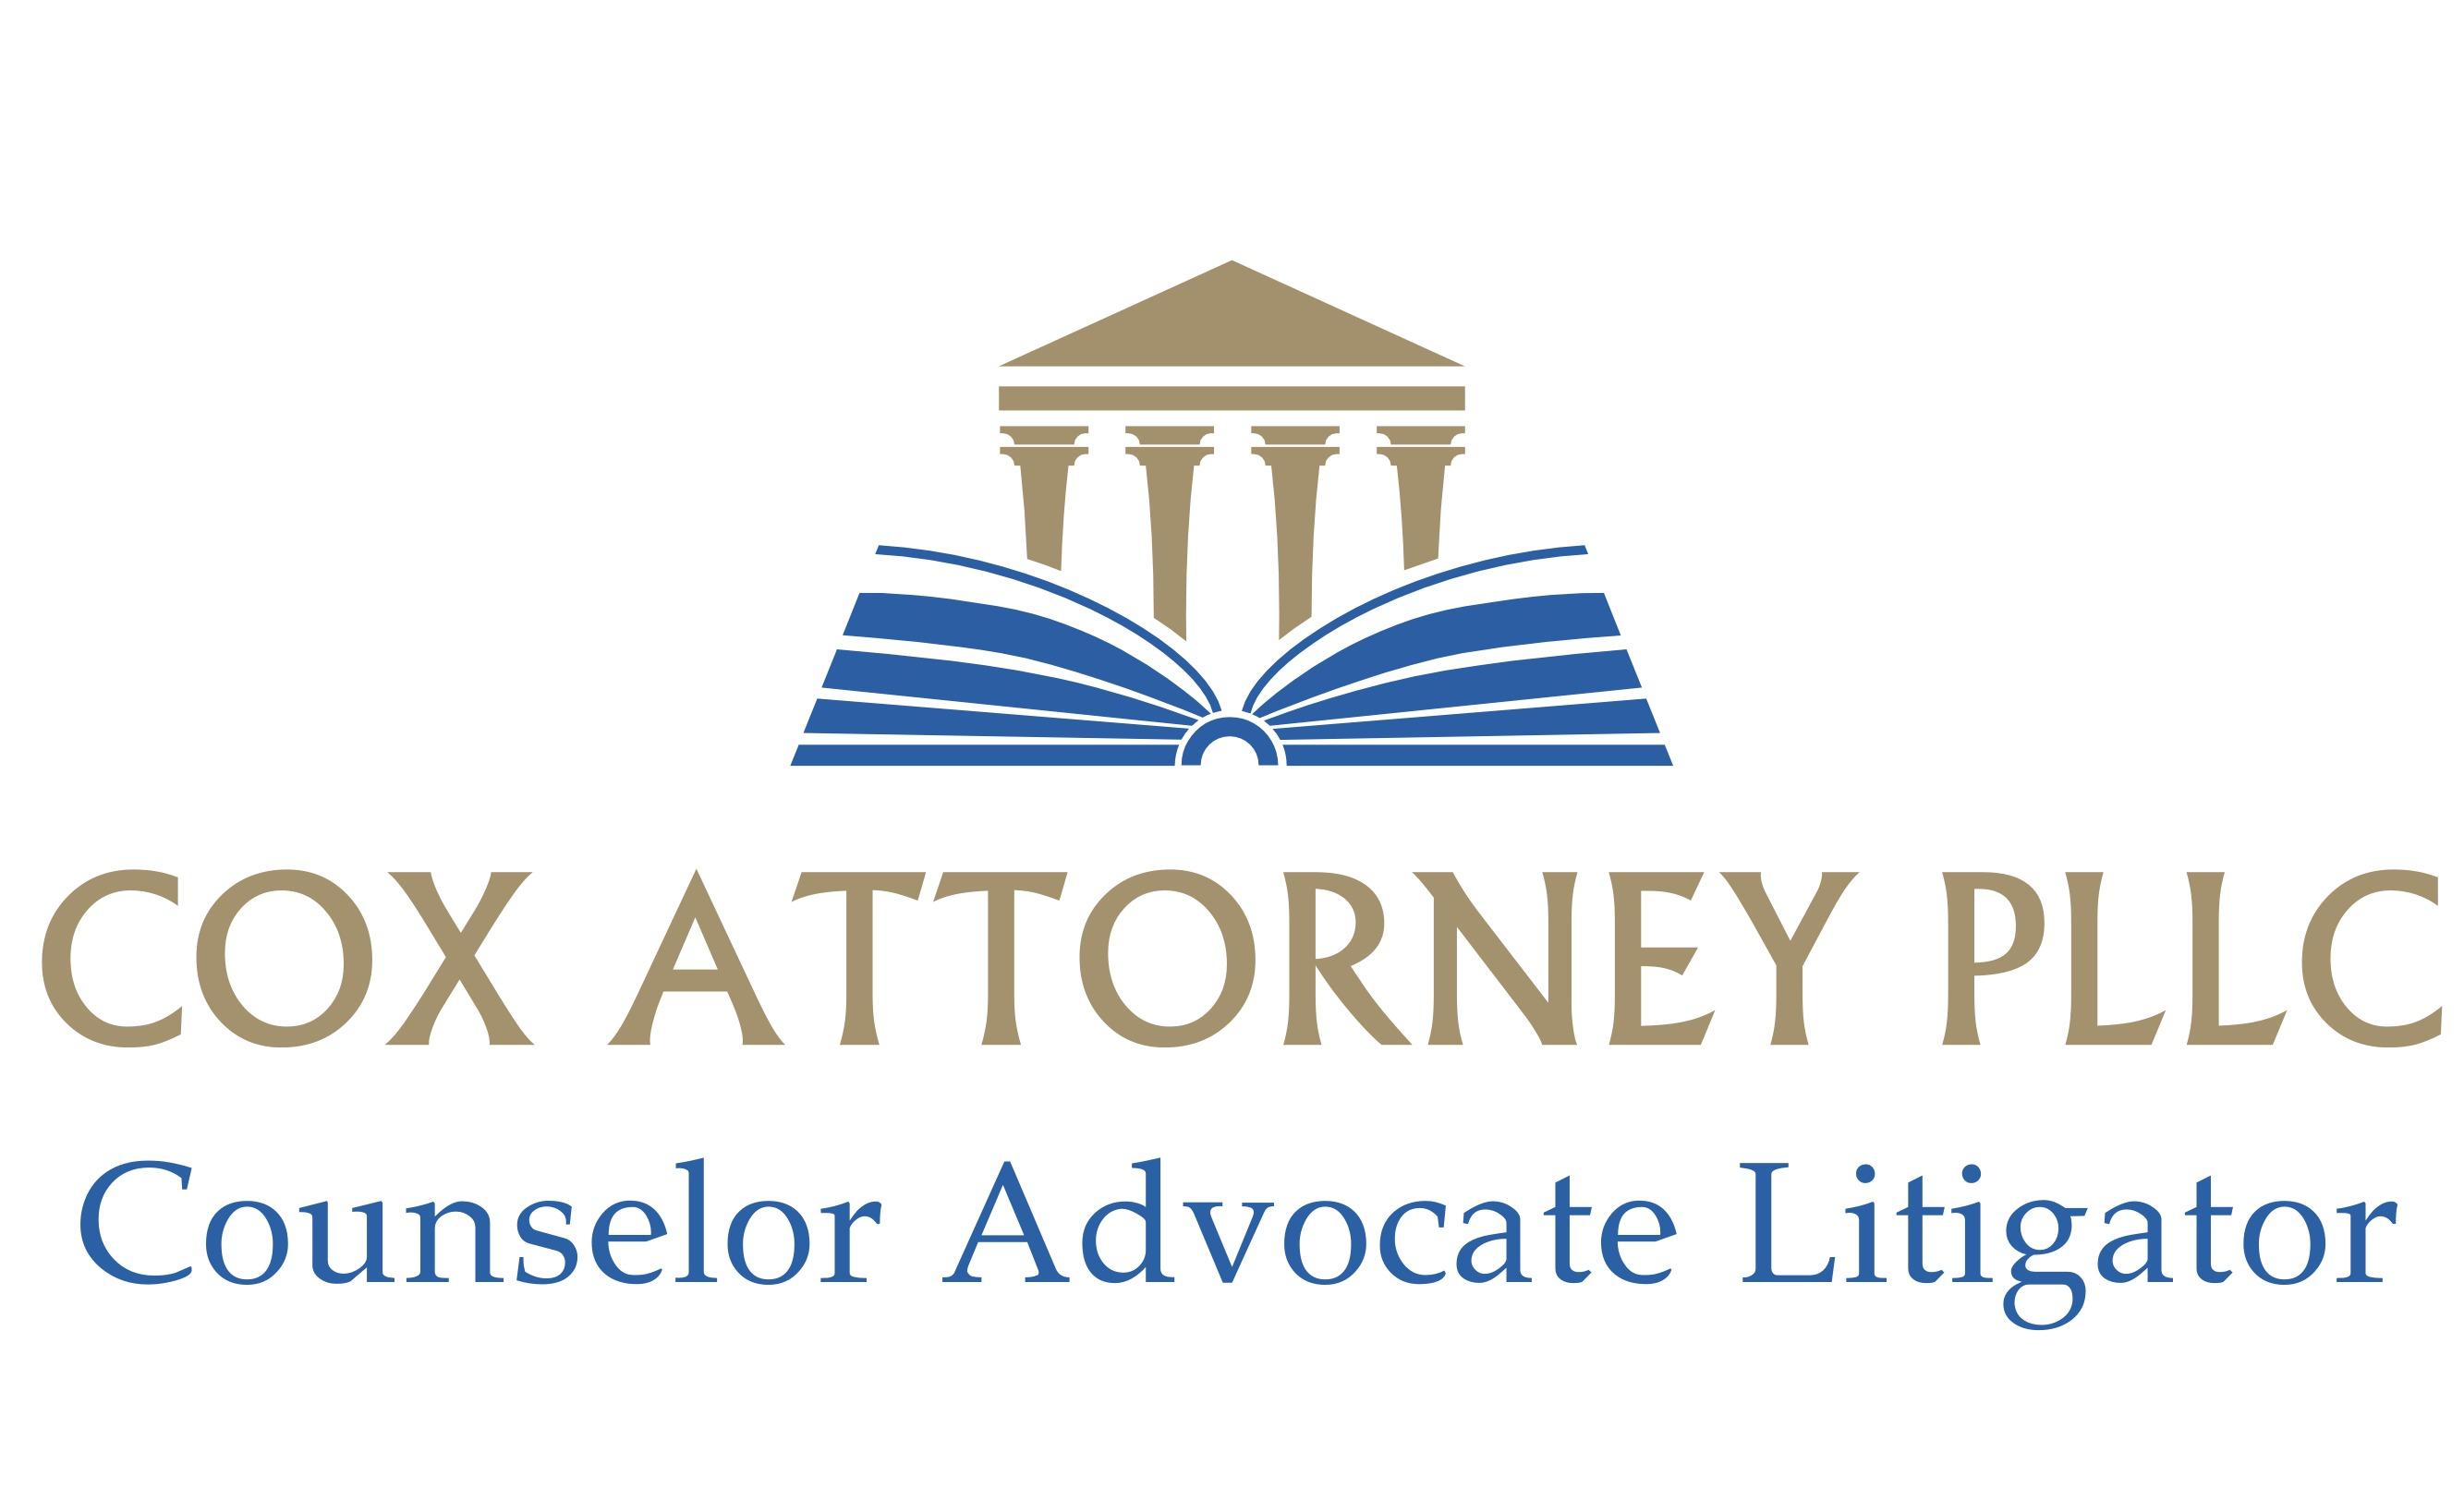 Cox Attorney PLLC Logo